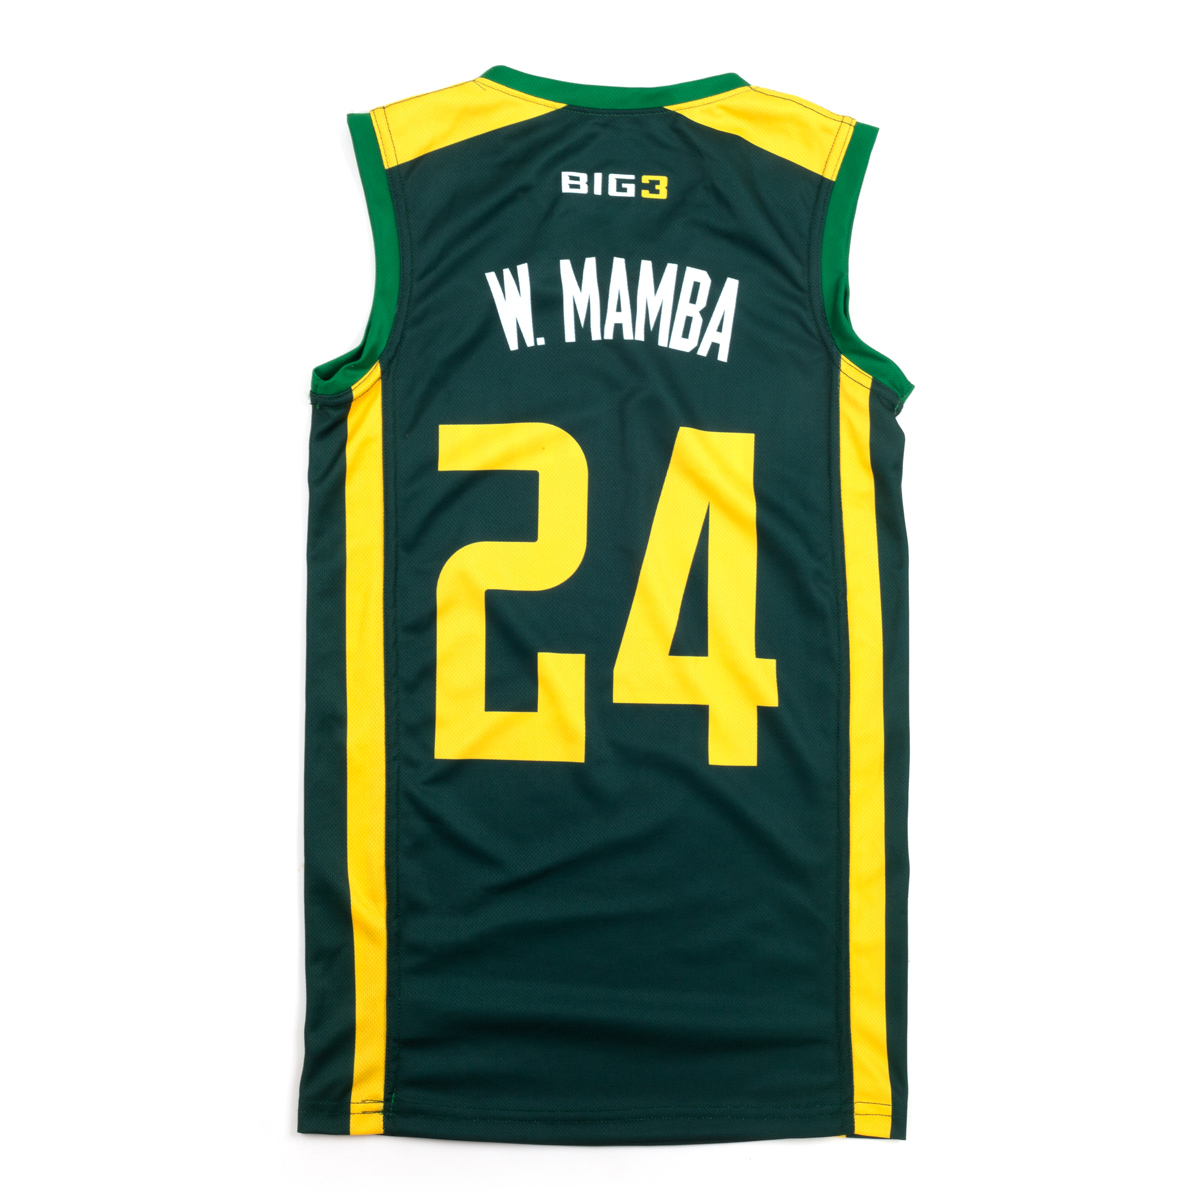 W. Mamba Jersey